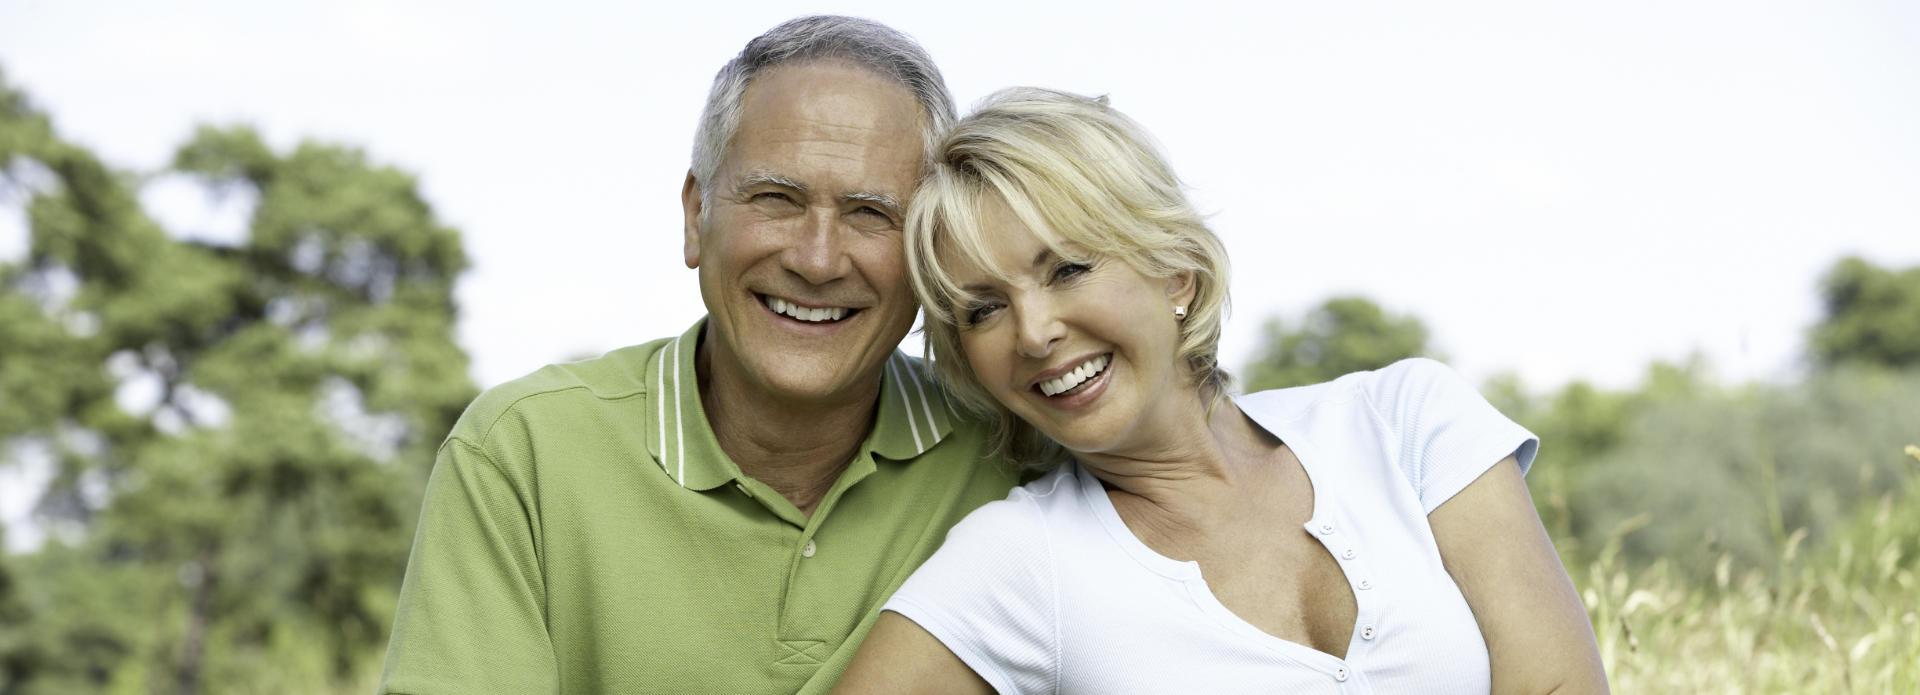 joyful mature couple